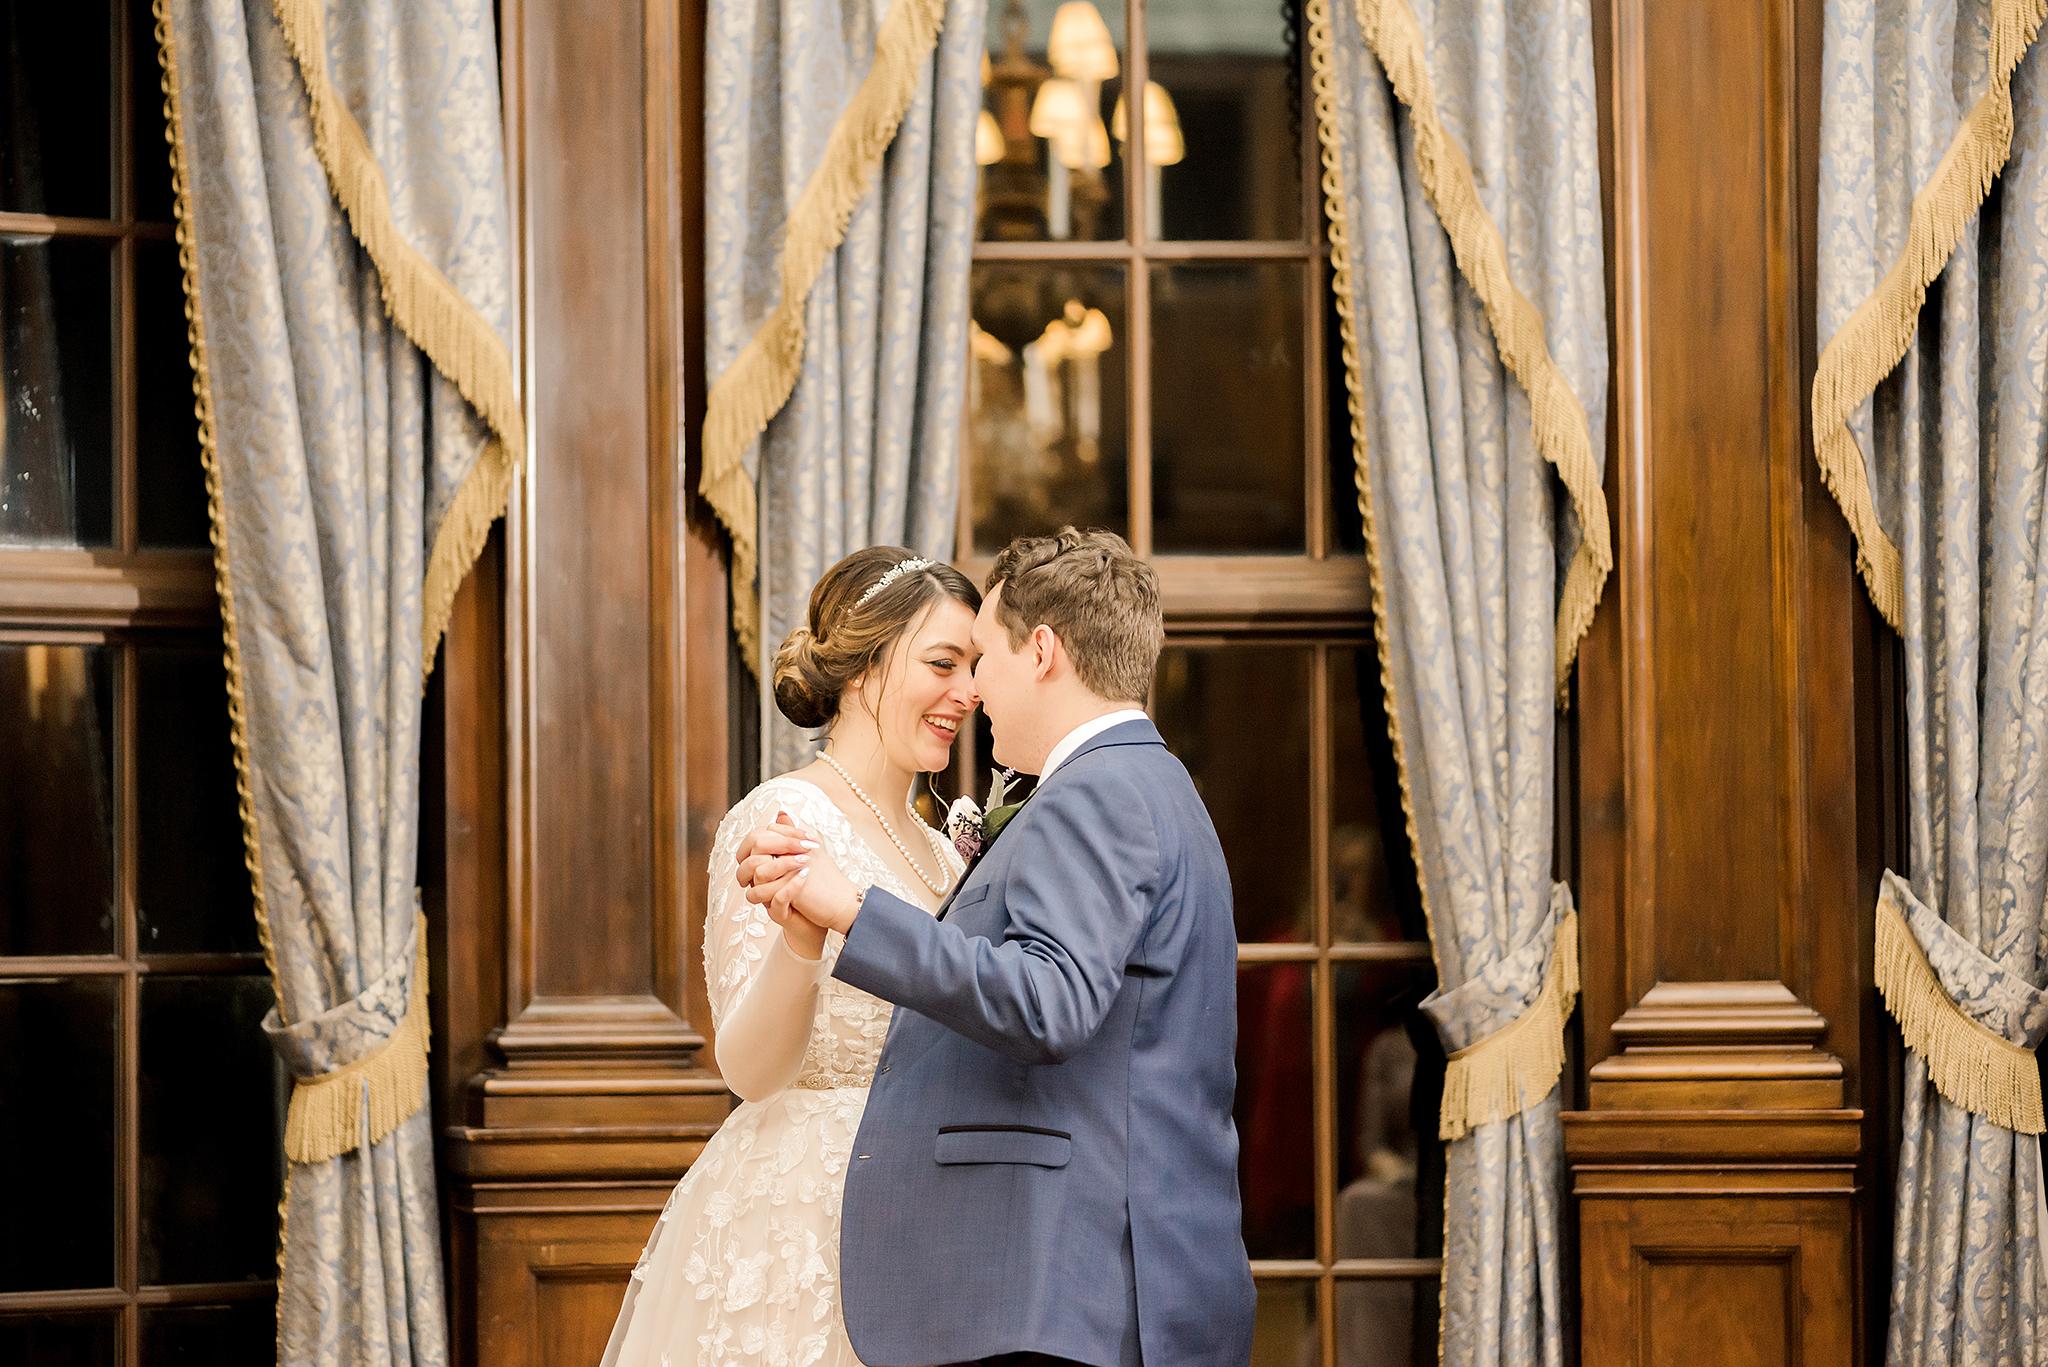 Lindsay-Adkins-Photography-Toledo-Club-Wedding-Toledo-Ohio-Wedding